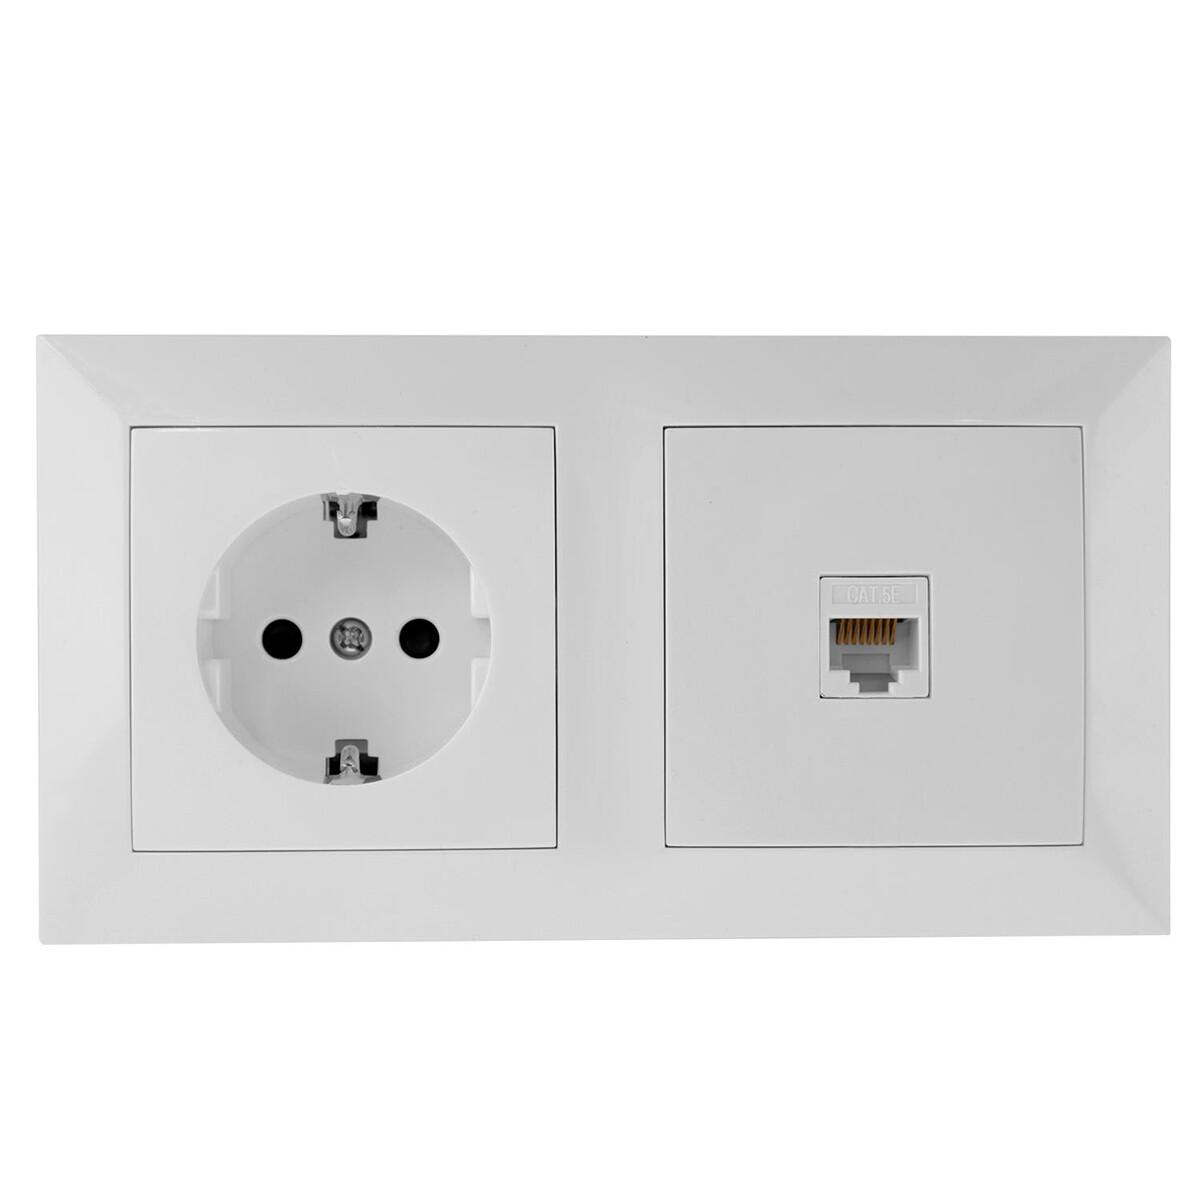 UTP RJ45 Stopcontact - Wandcontactdoos - Aigi Cika - Inbouw - 1-voudig Stopcontact - 1-voudig UTP CA